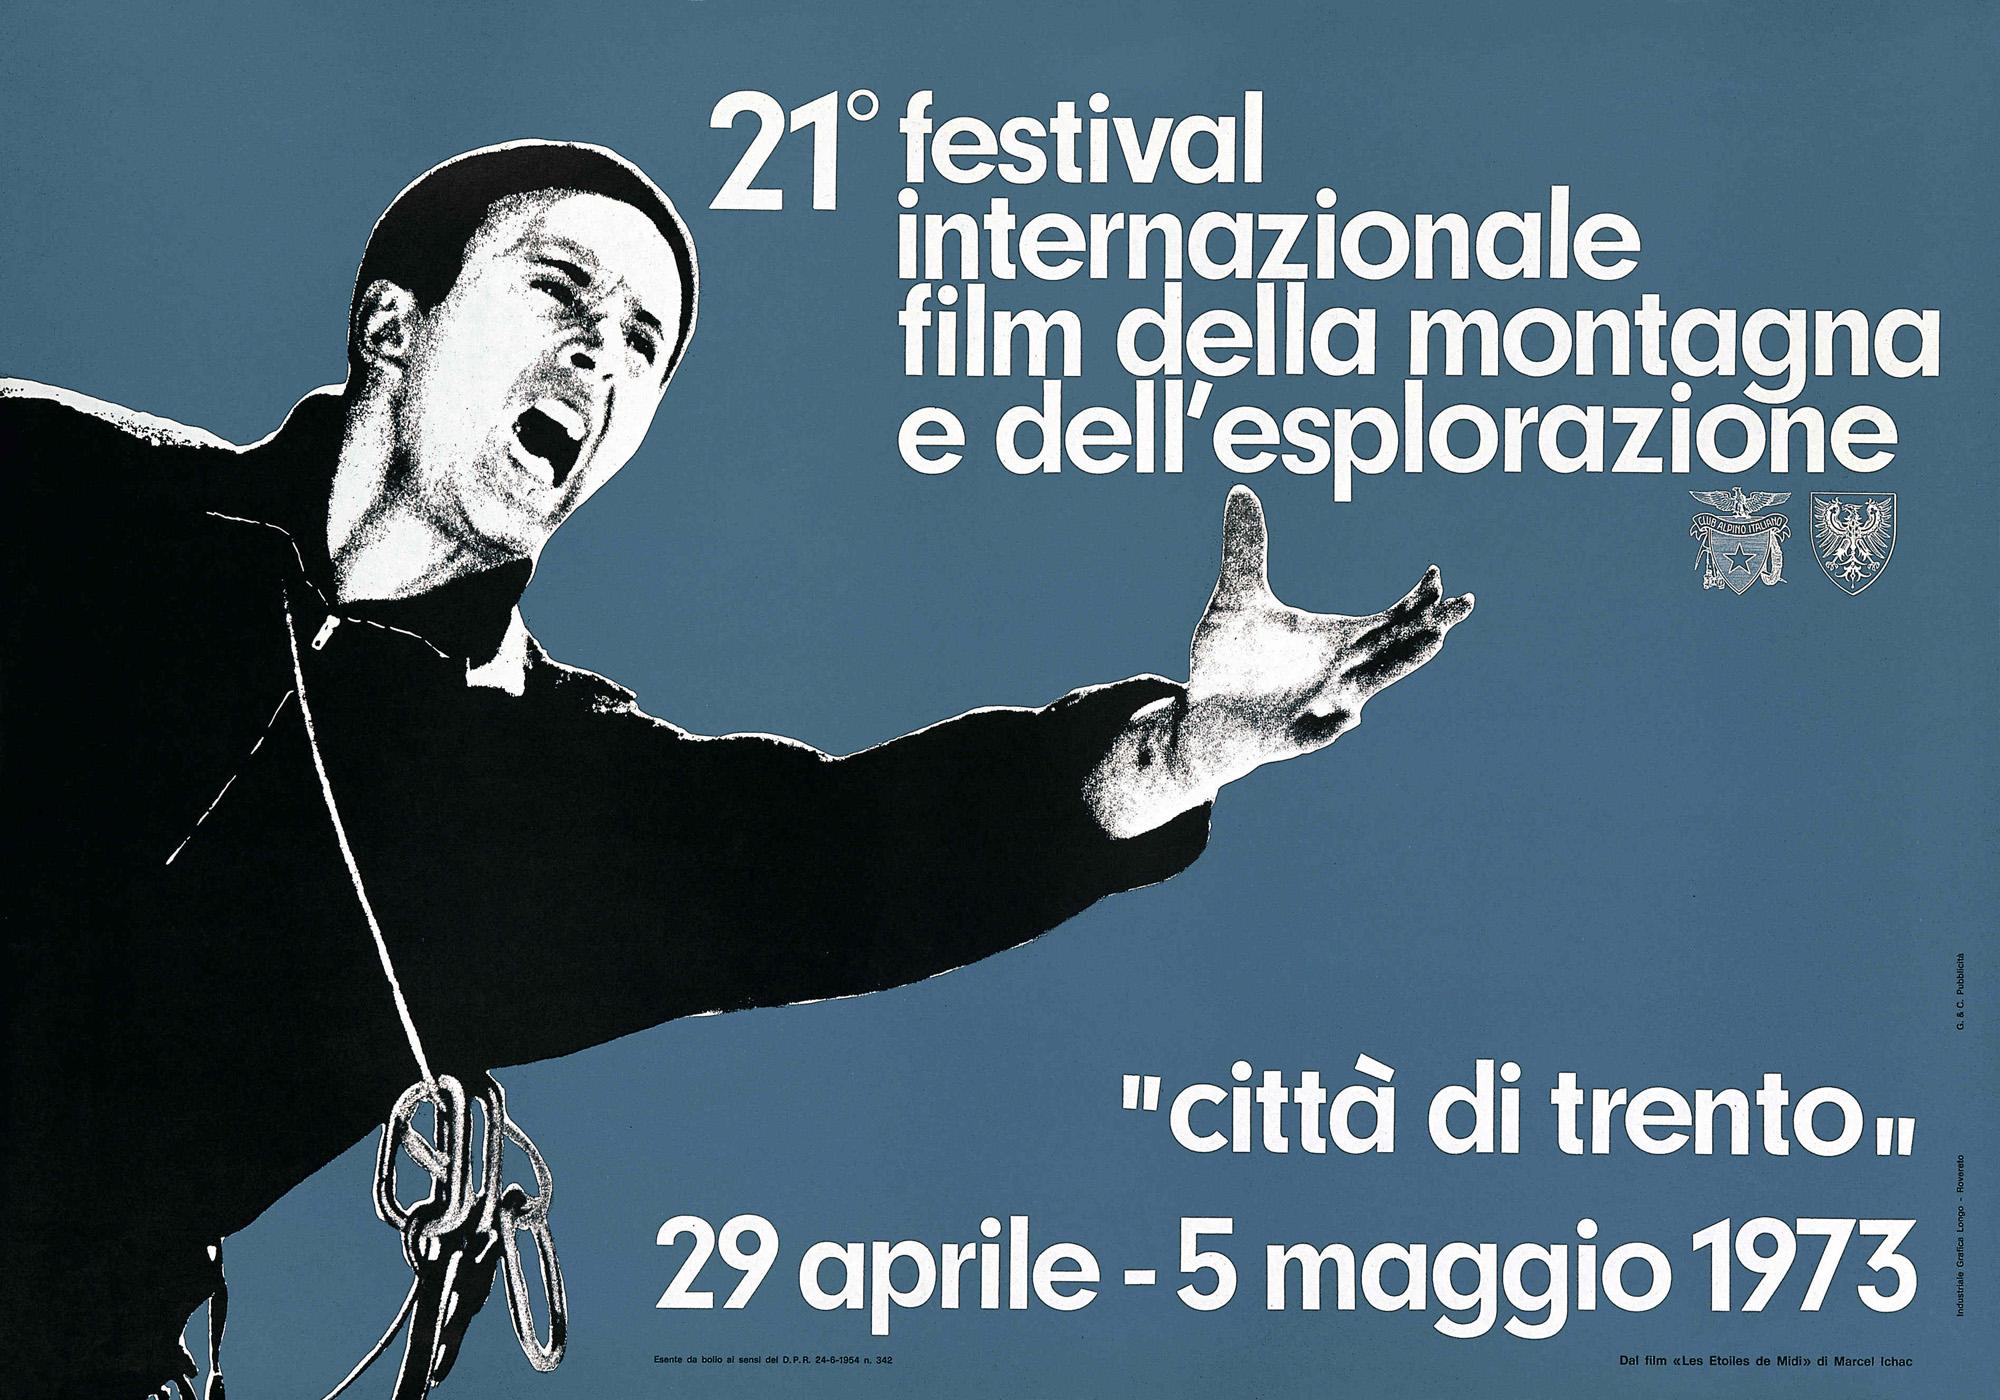 21 edizione (c) Trento Film Festival